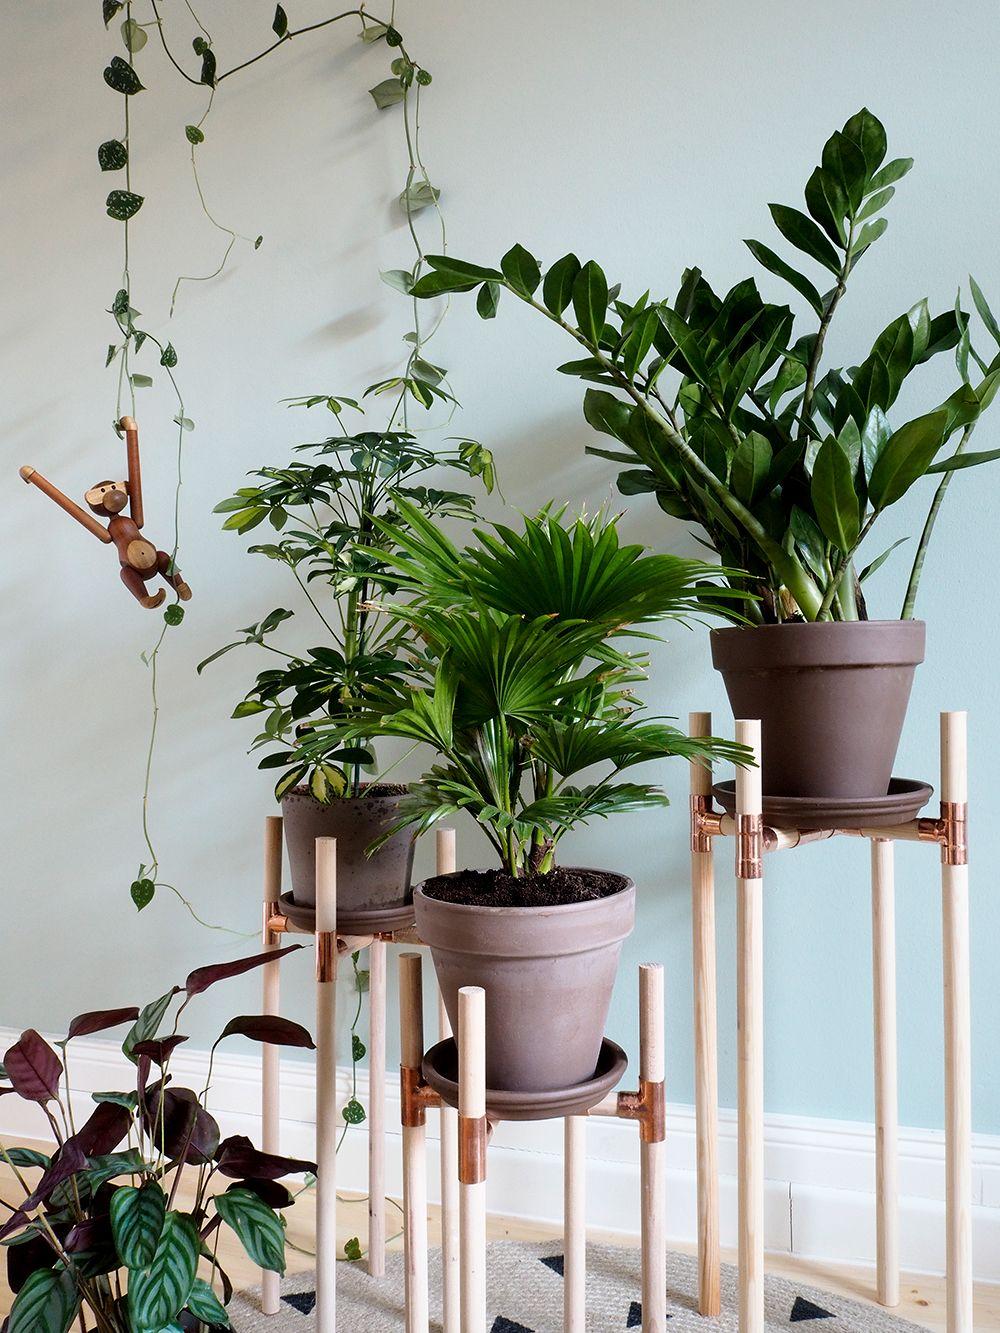 dschungel zu hause diy pflanzenst nder aus kupfer und holz kupfer diy projekte und pflanzen. Black Bedroom Furniture Sets. Home Design Ideas